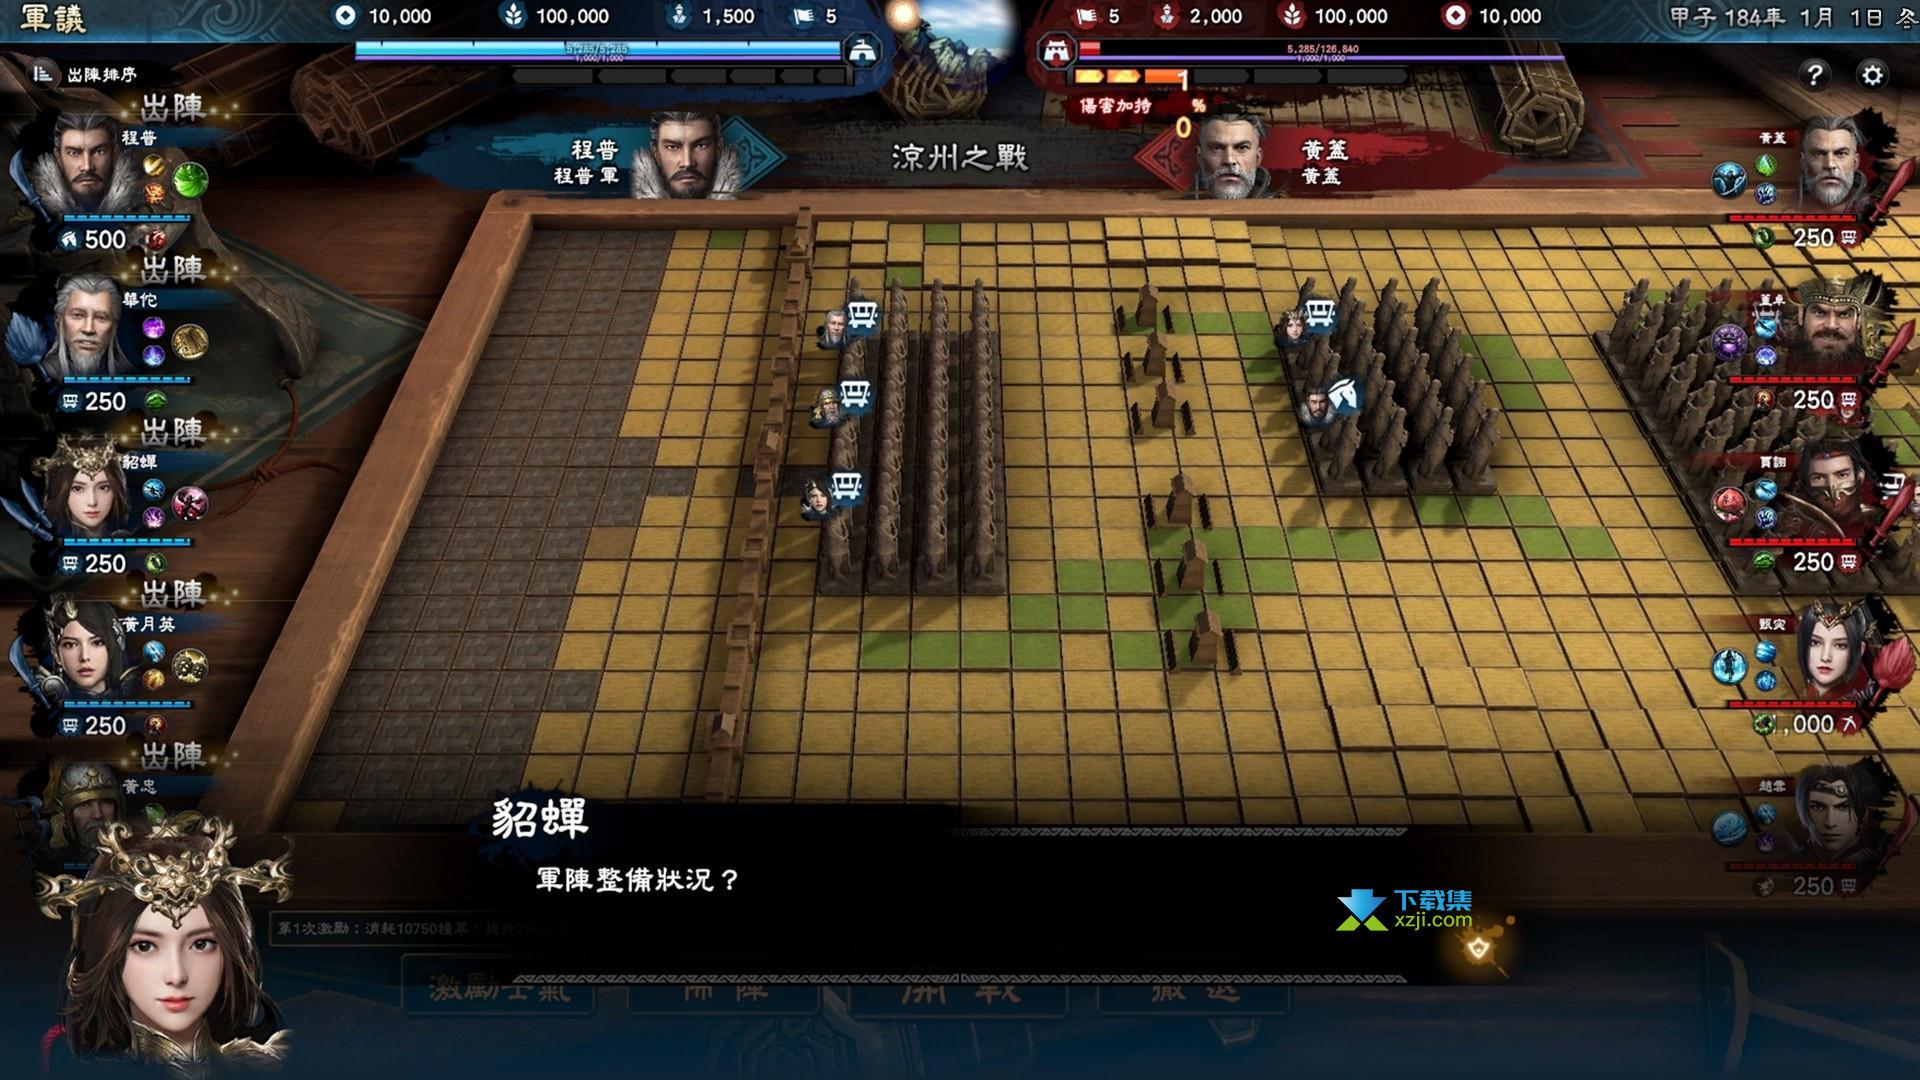 三国群英传8中文版界面2